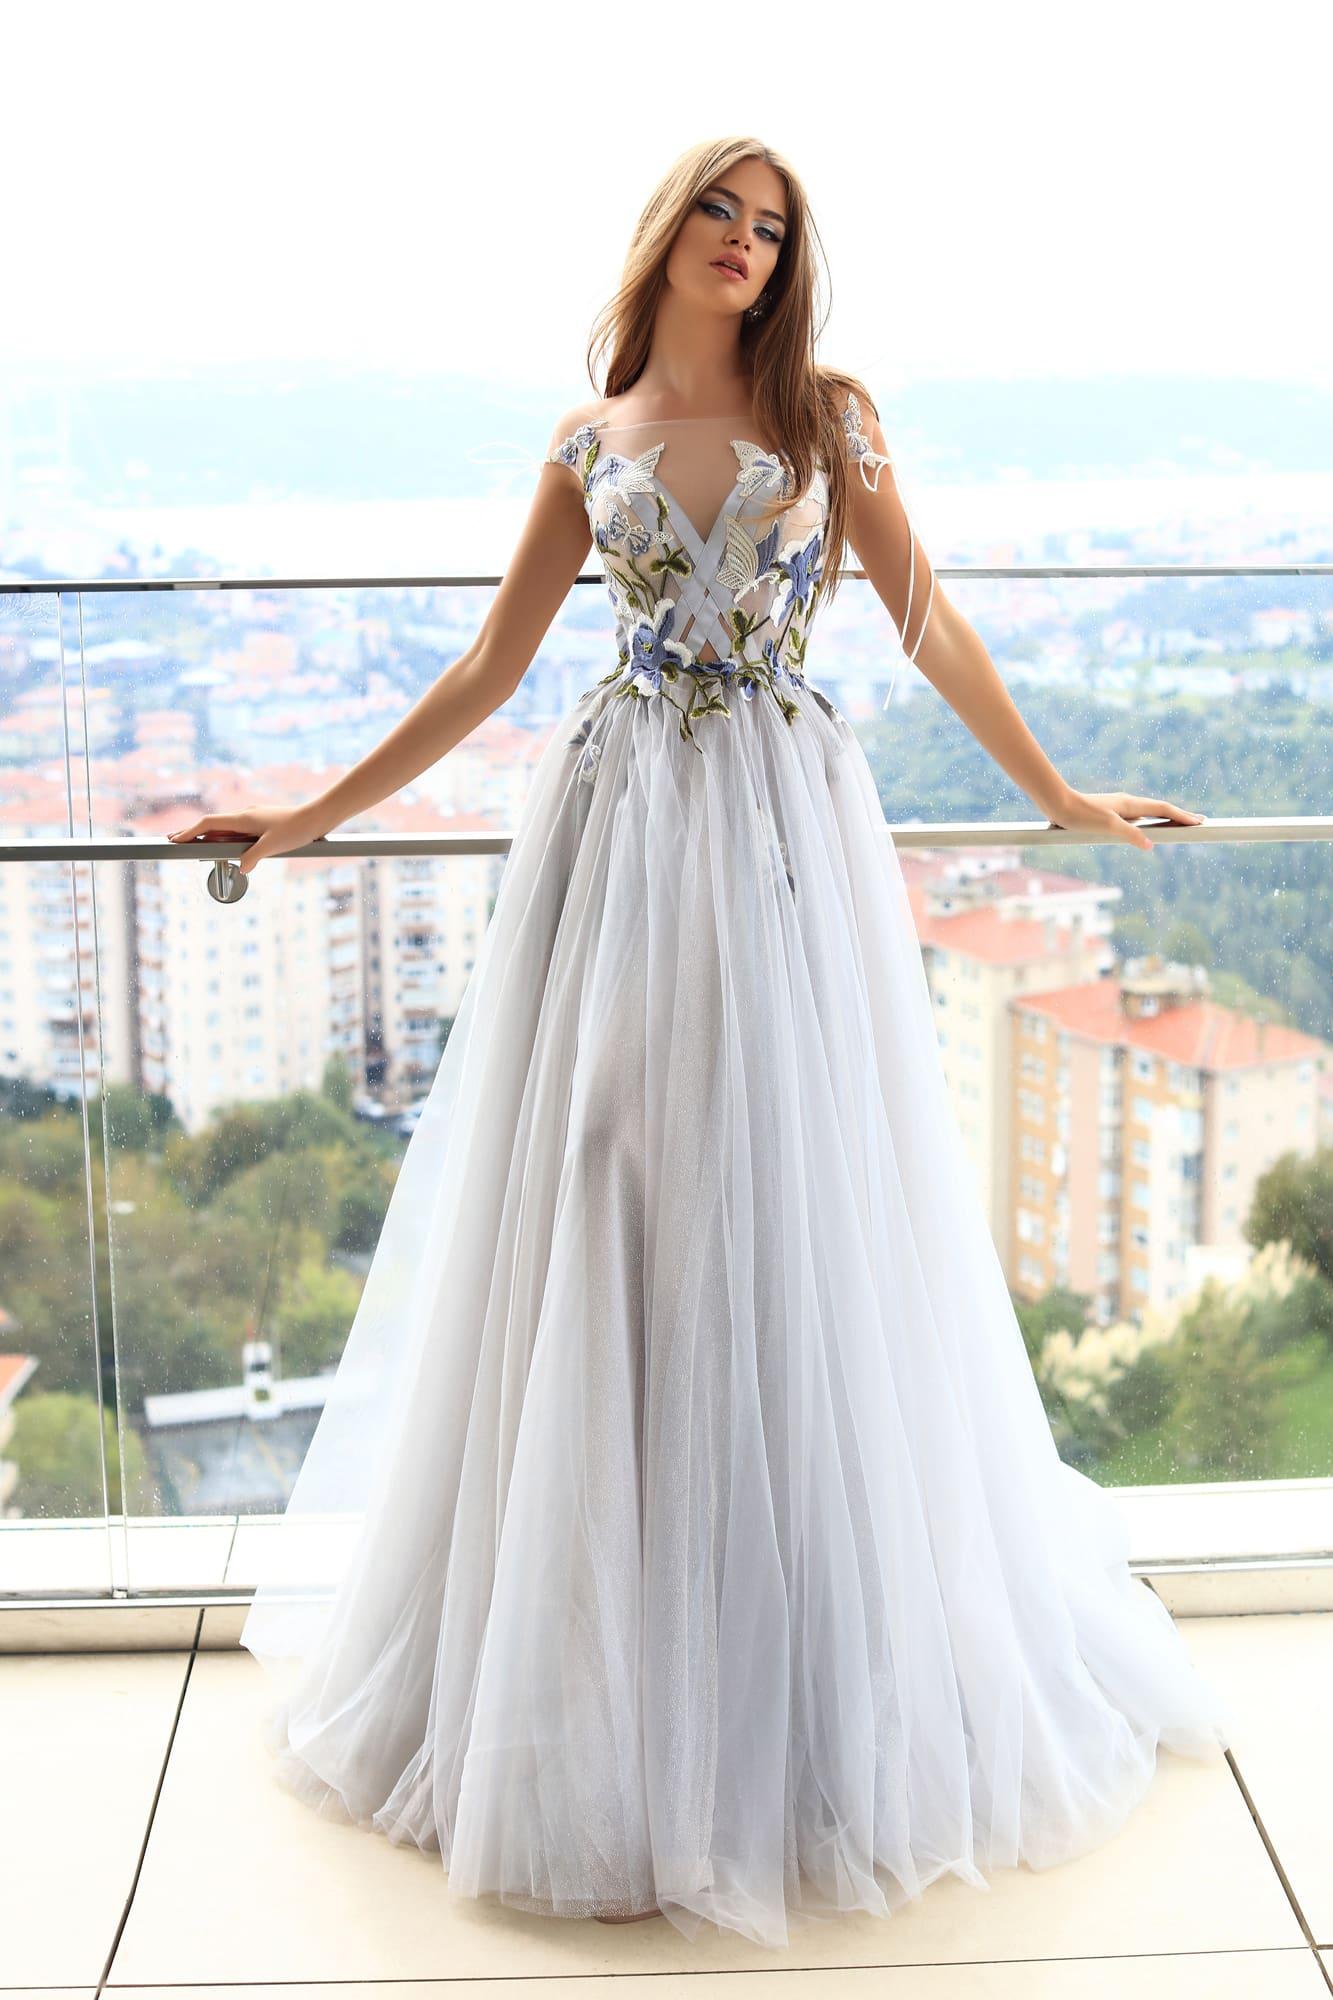 b3fa0cbafd3 Бело-голубое платье в пол Daria Karlozi Sirma ▷ Свадебный Торговый ...